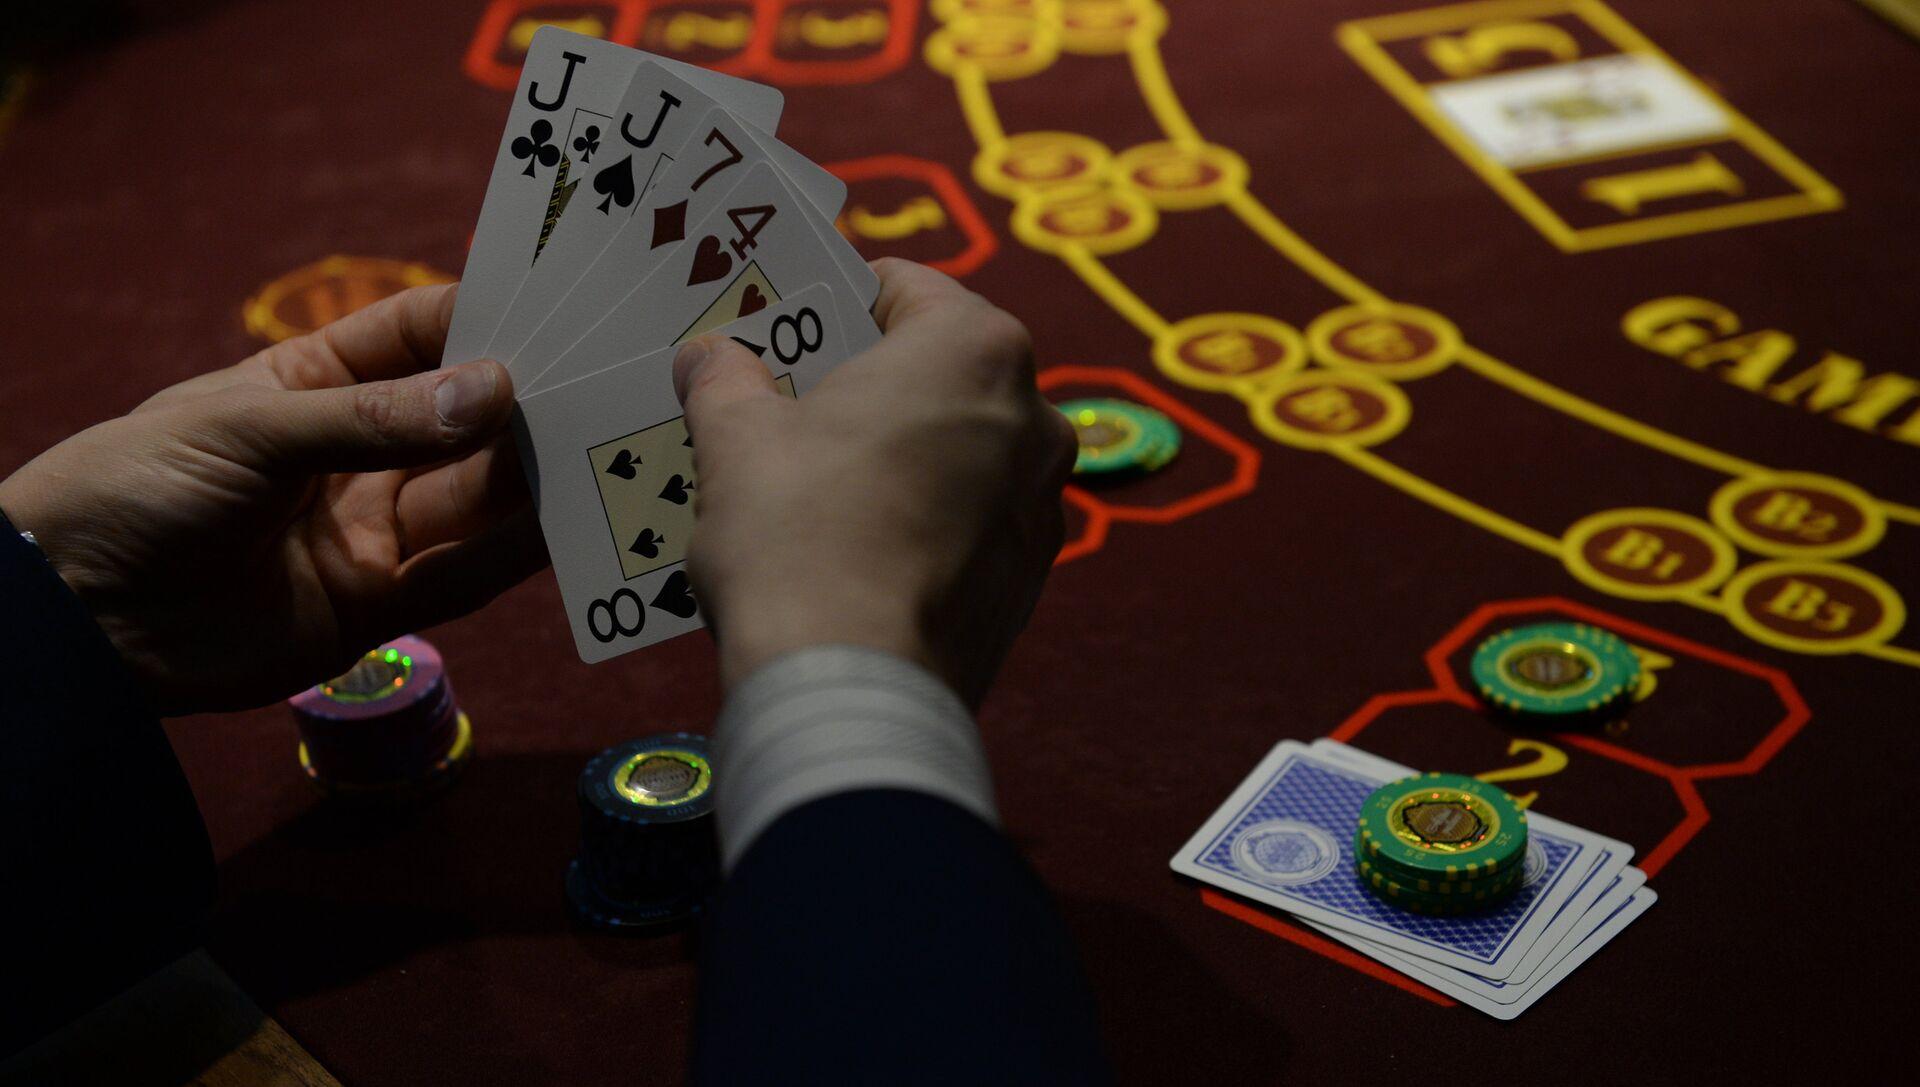 Игра в покер. Архивное фото - РИА Новости, 1920, 17.11.2020